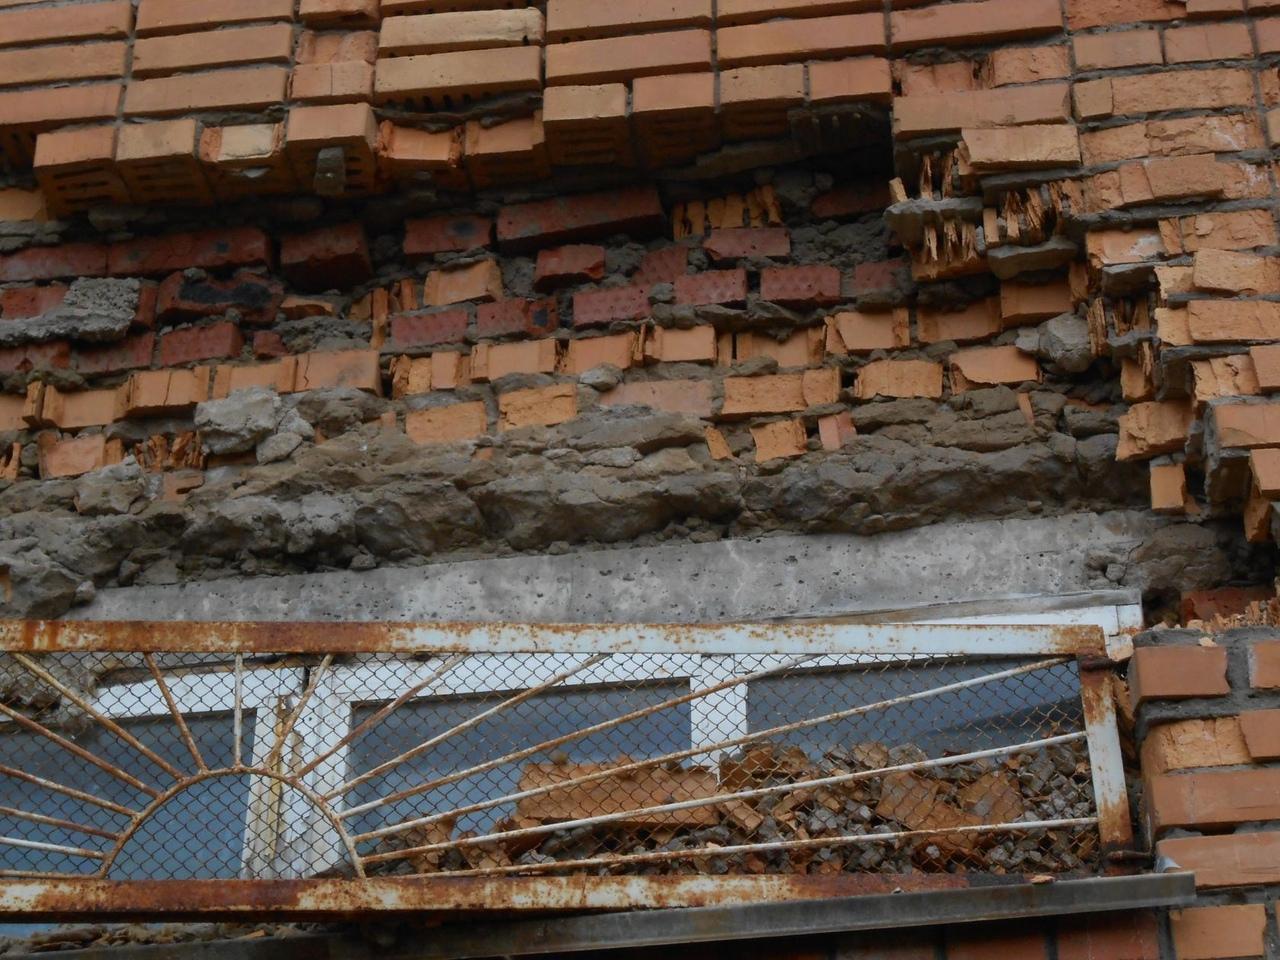 В Кирово-Чепецке рушится стена школы: проверка слухов